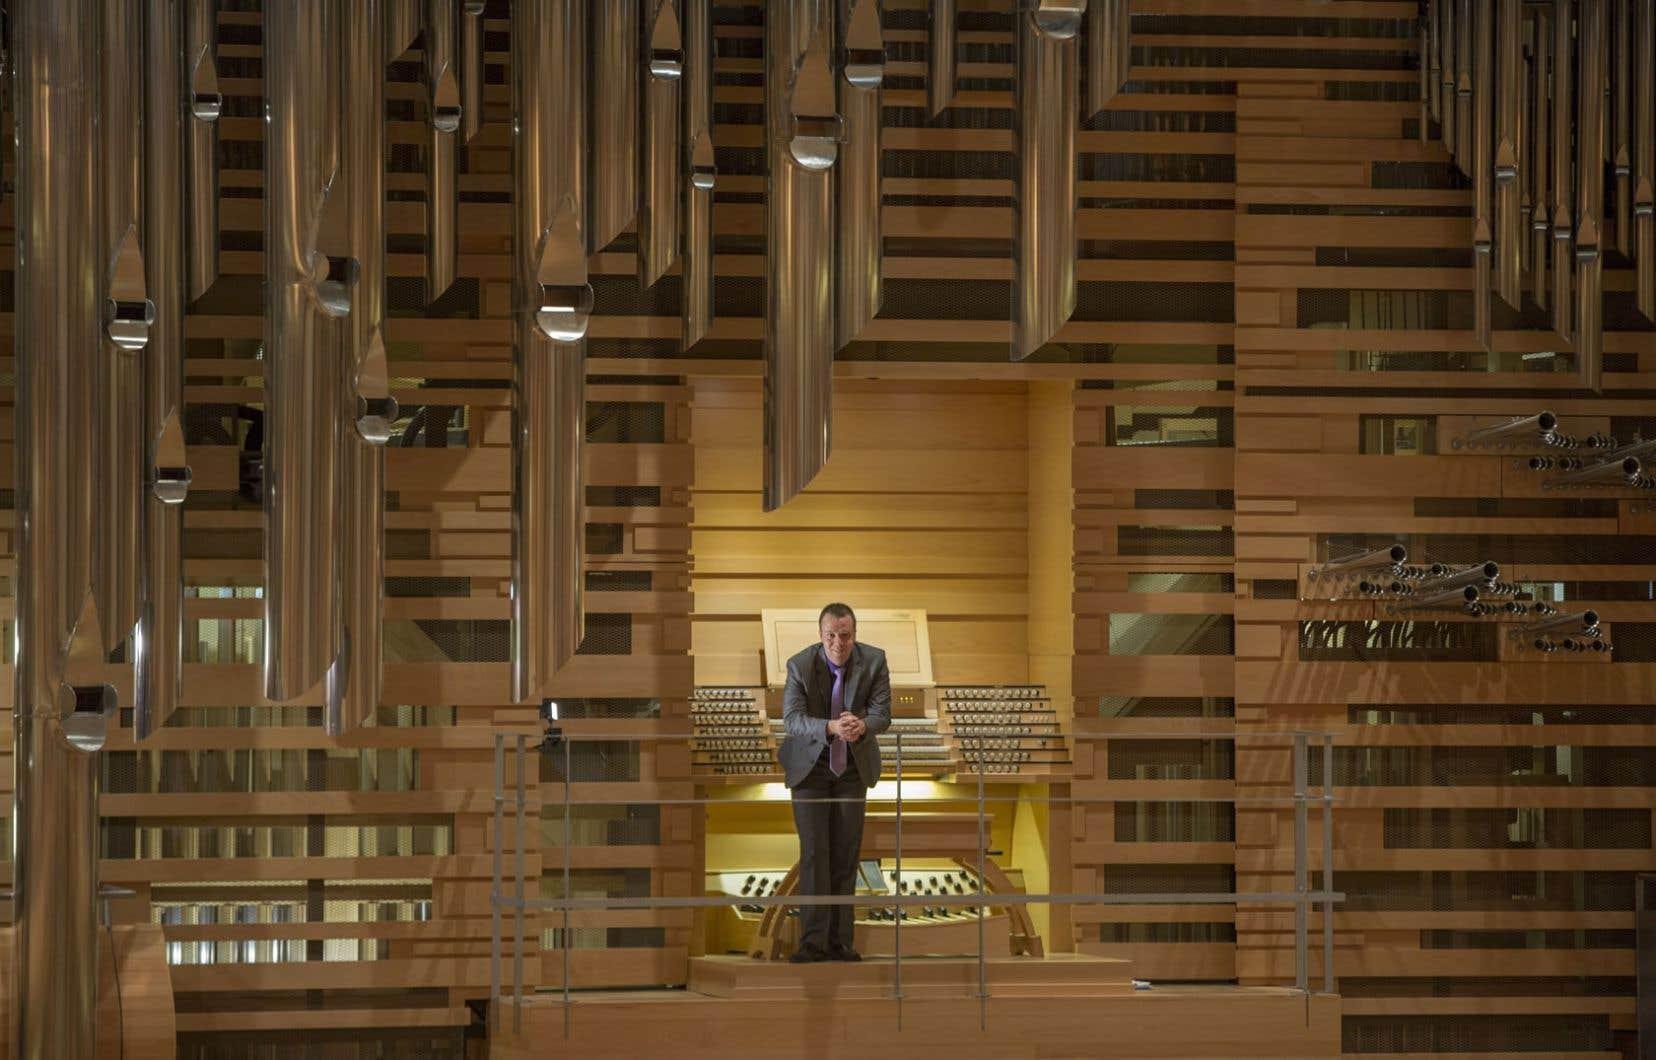 L'organiste en résidence de l'OSM, Jean-Willy Kunz, et le Grand Orgue Pierre-Béique, propriété de l'Orchestre symphonique de Montréal